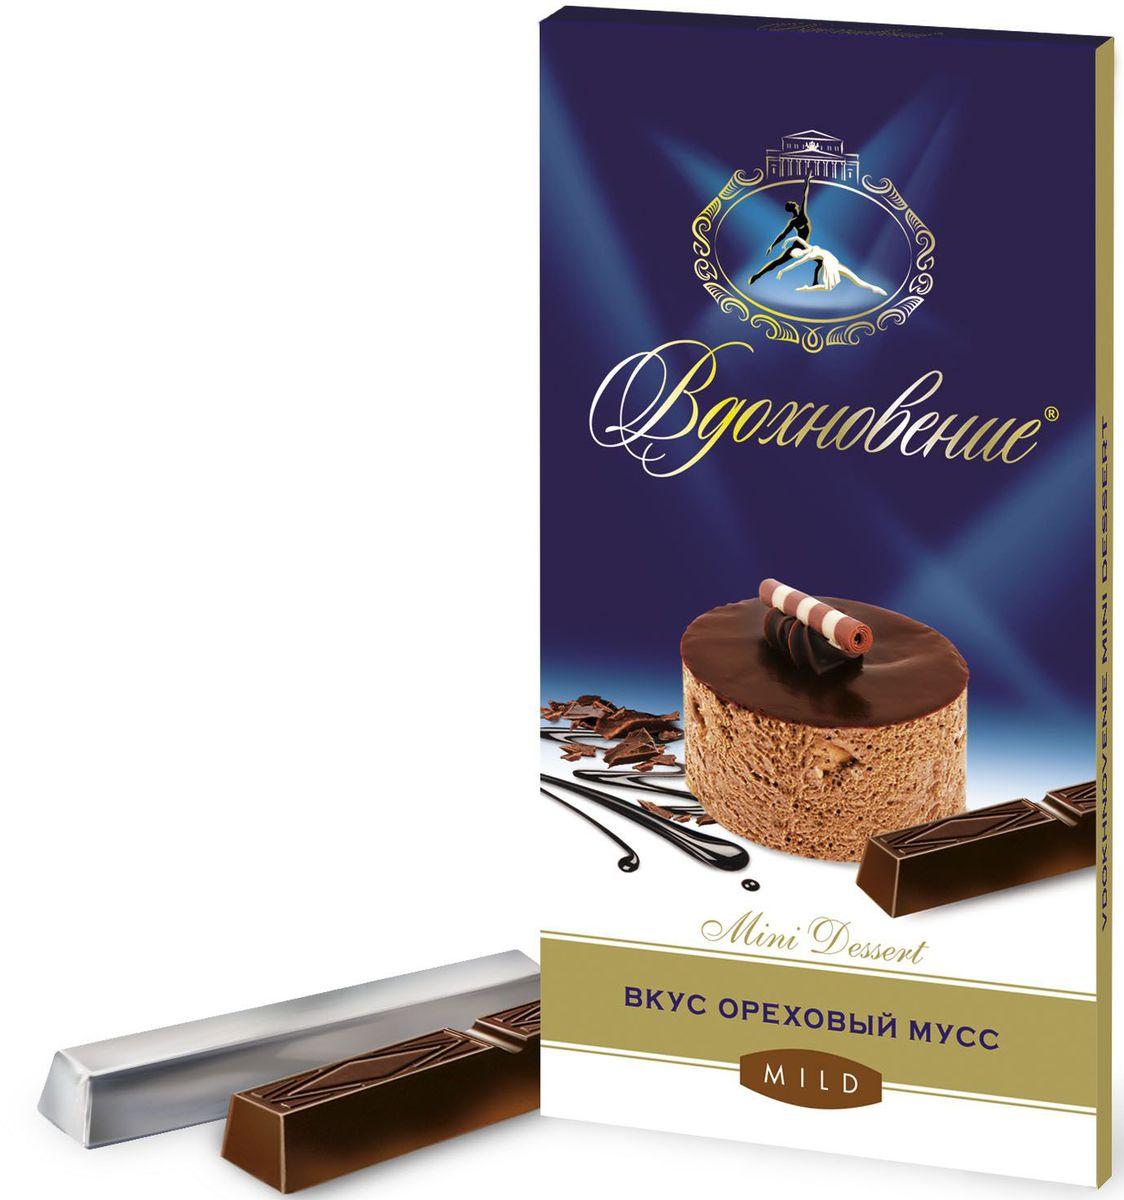 Бабаевский Вдохновение Mini Dessert вкус Ореховый мусс темный шоколад, 100 г nuts bank крем ореховый из миндаля с какао 250 г